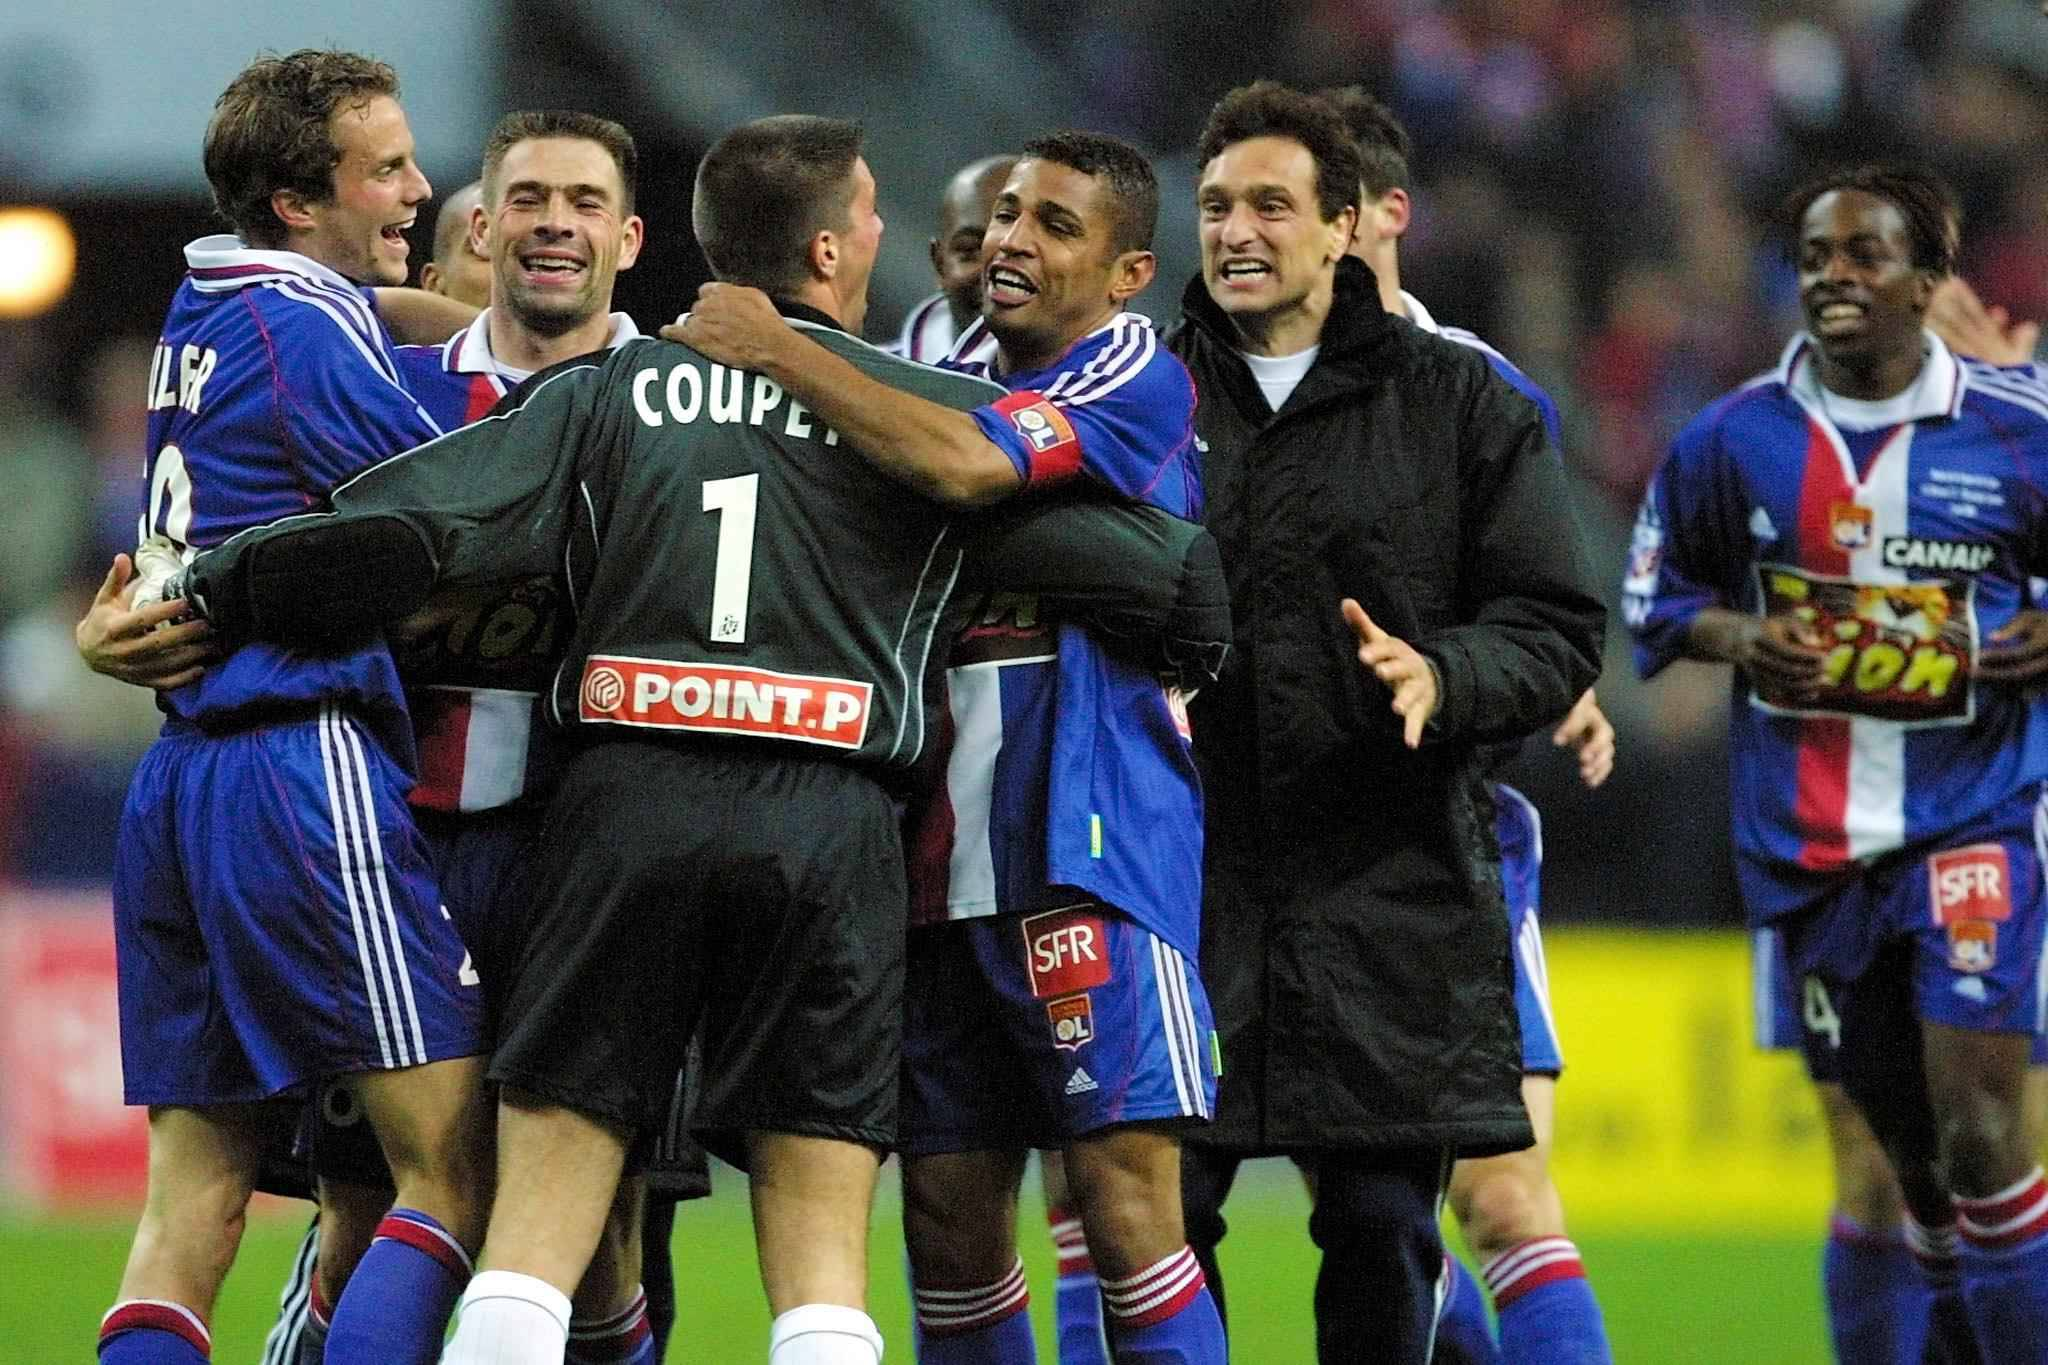 Coupe de la ligue cette finale au parc ol peut elle permettre lyon de reconqu rir un troph e - Lyon monaco coupe de la ligue 2014 ...